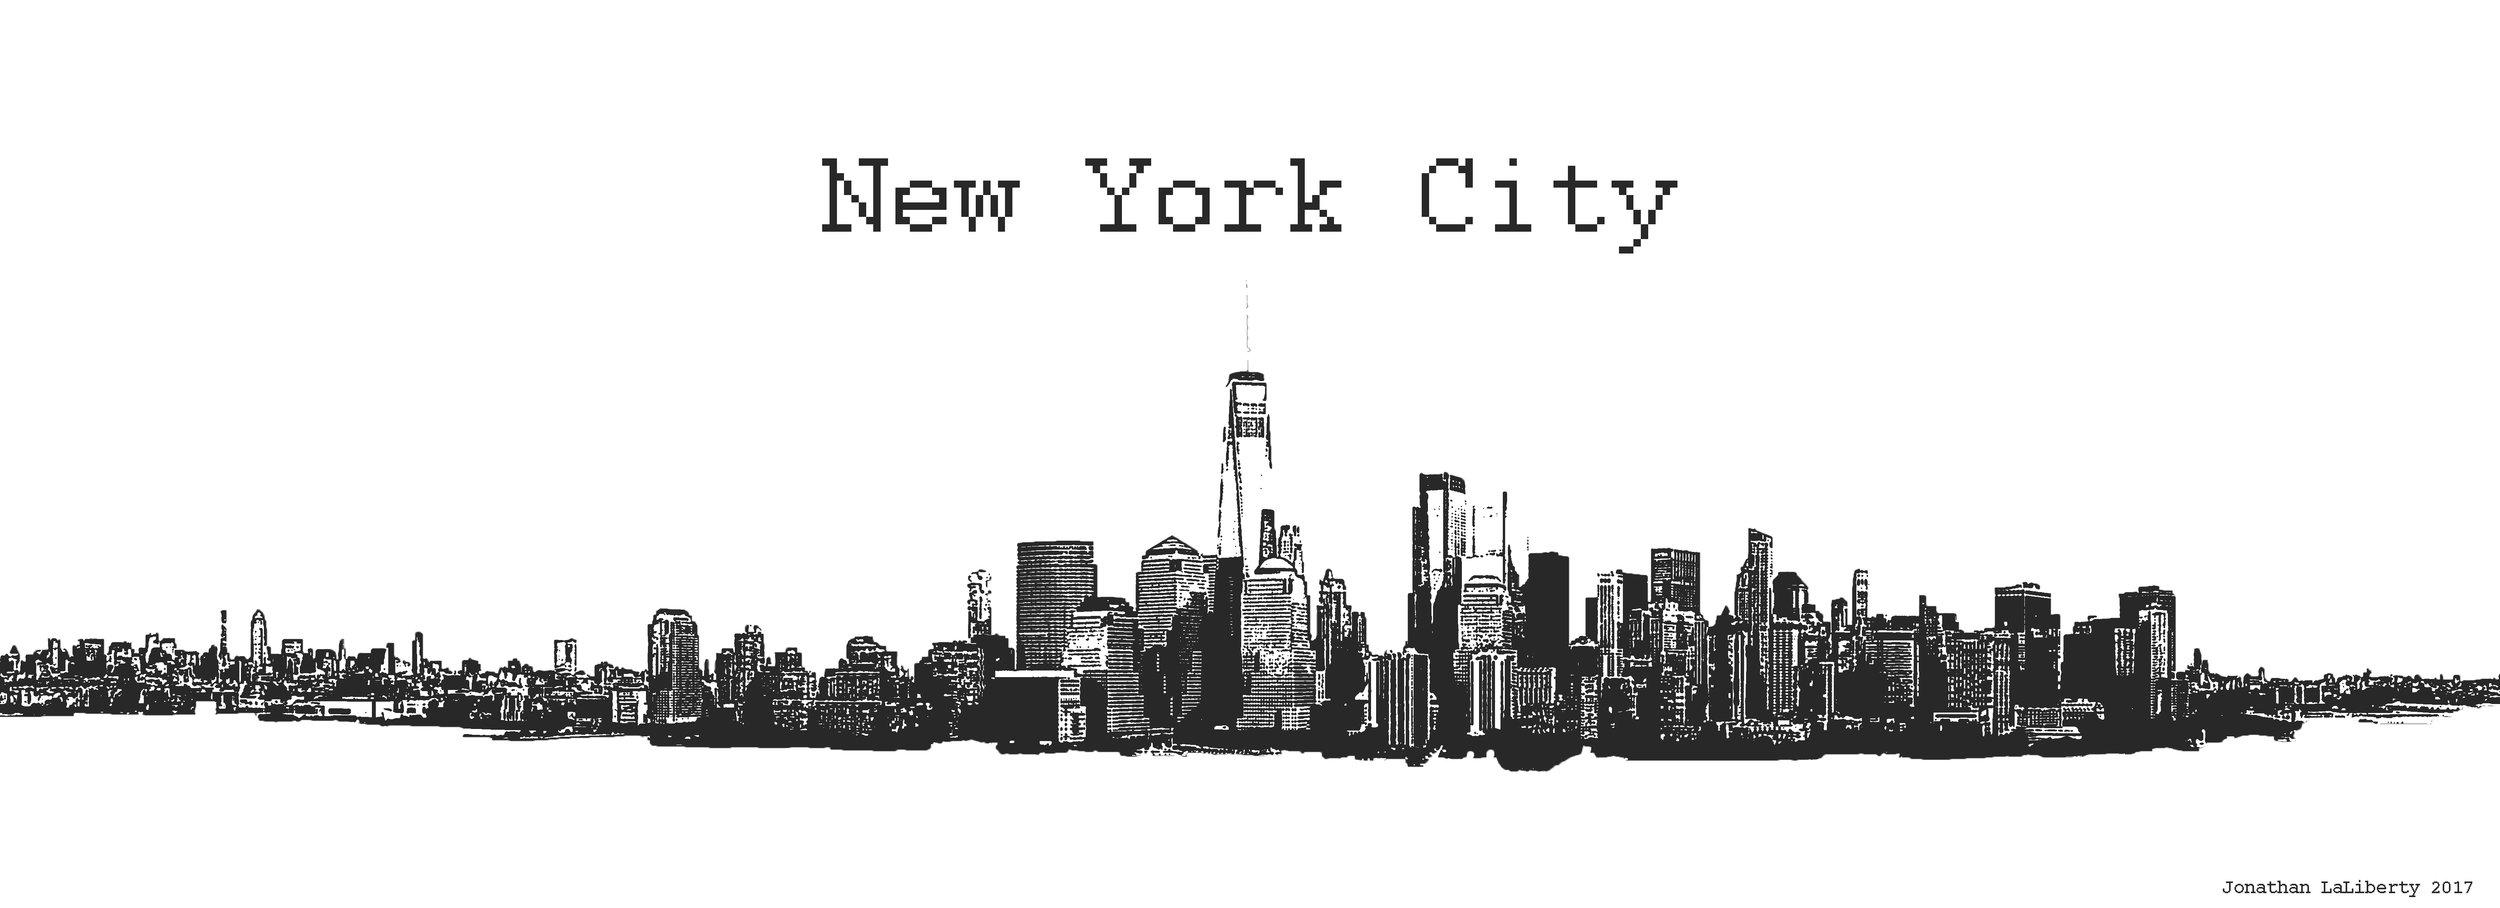 New York City Black and White Panorama